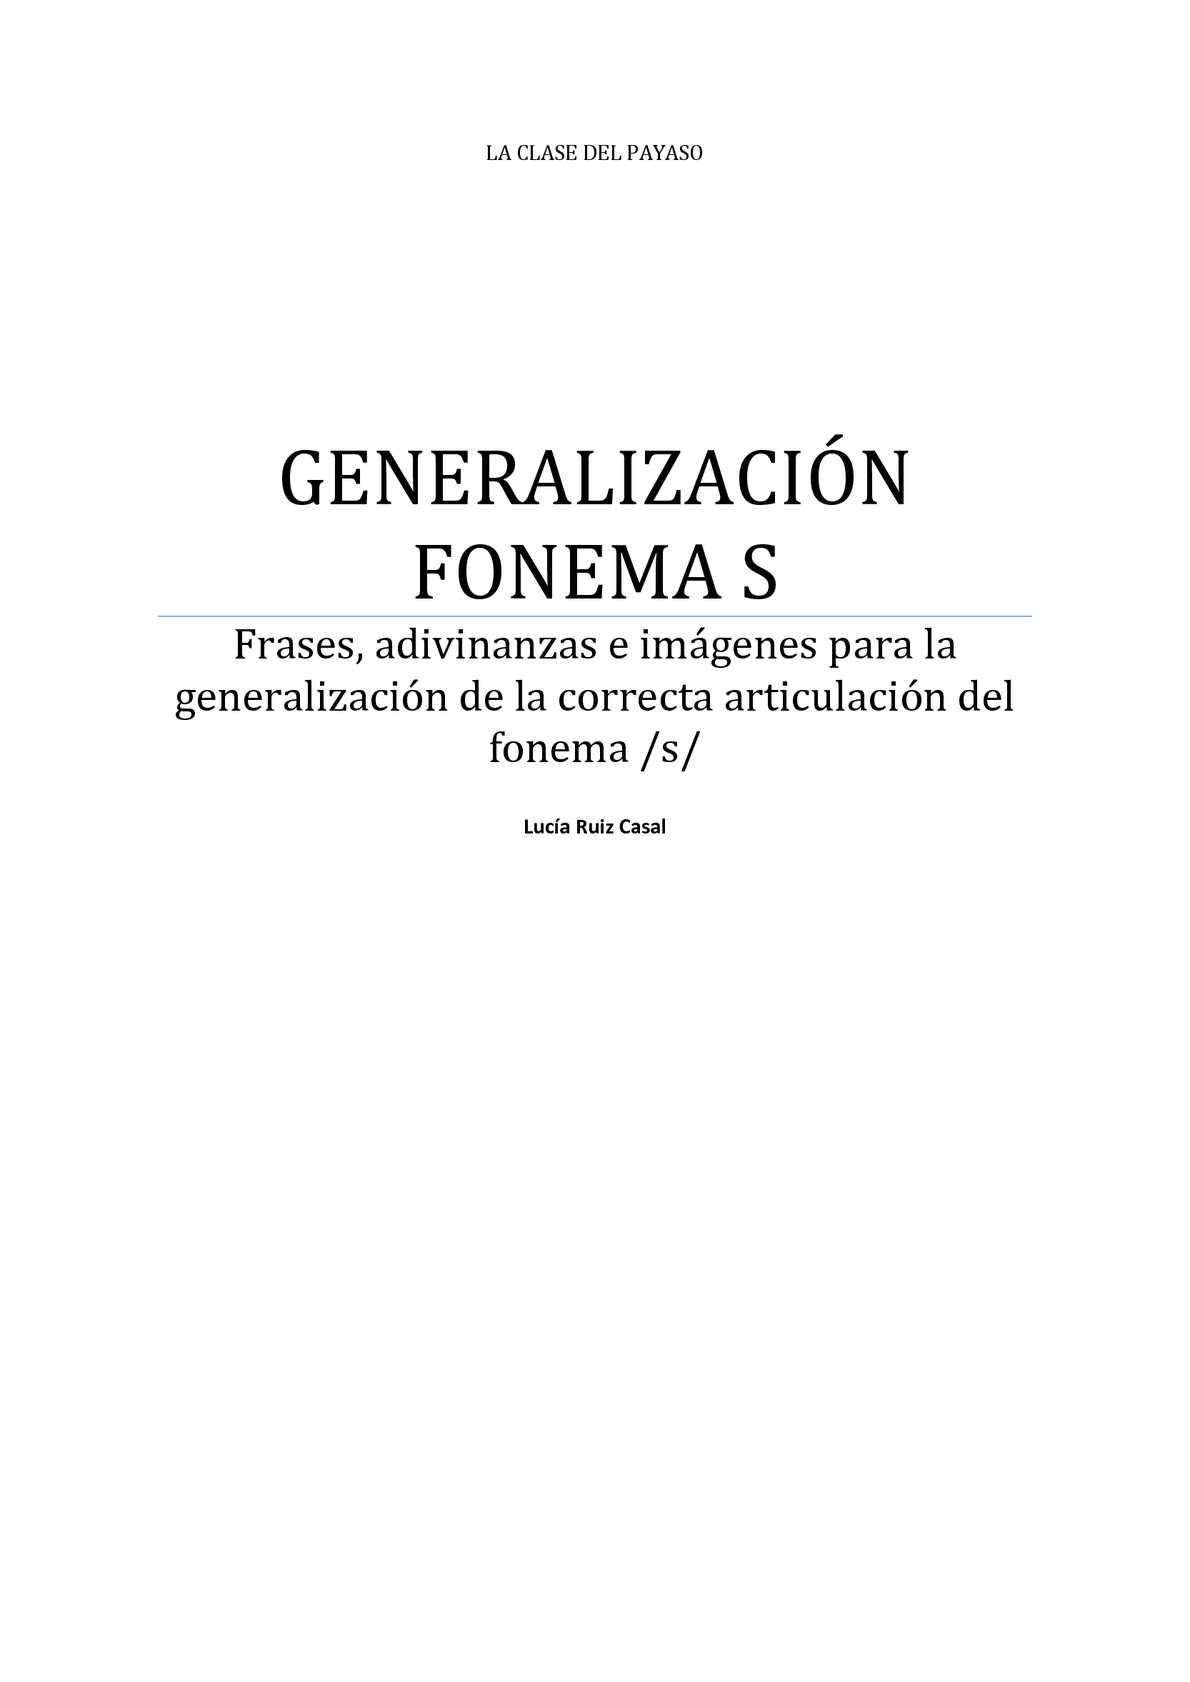 GENERALIZACIÓN FONEMA /S/